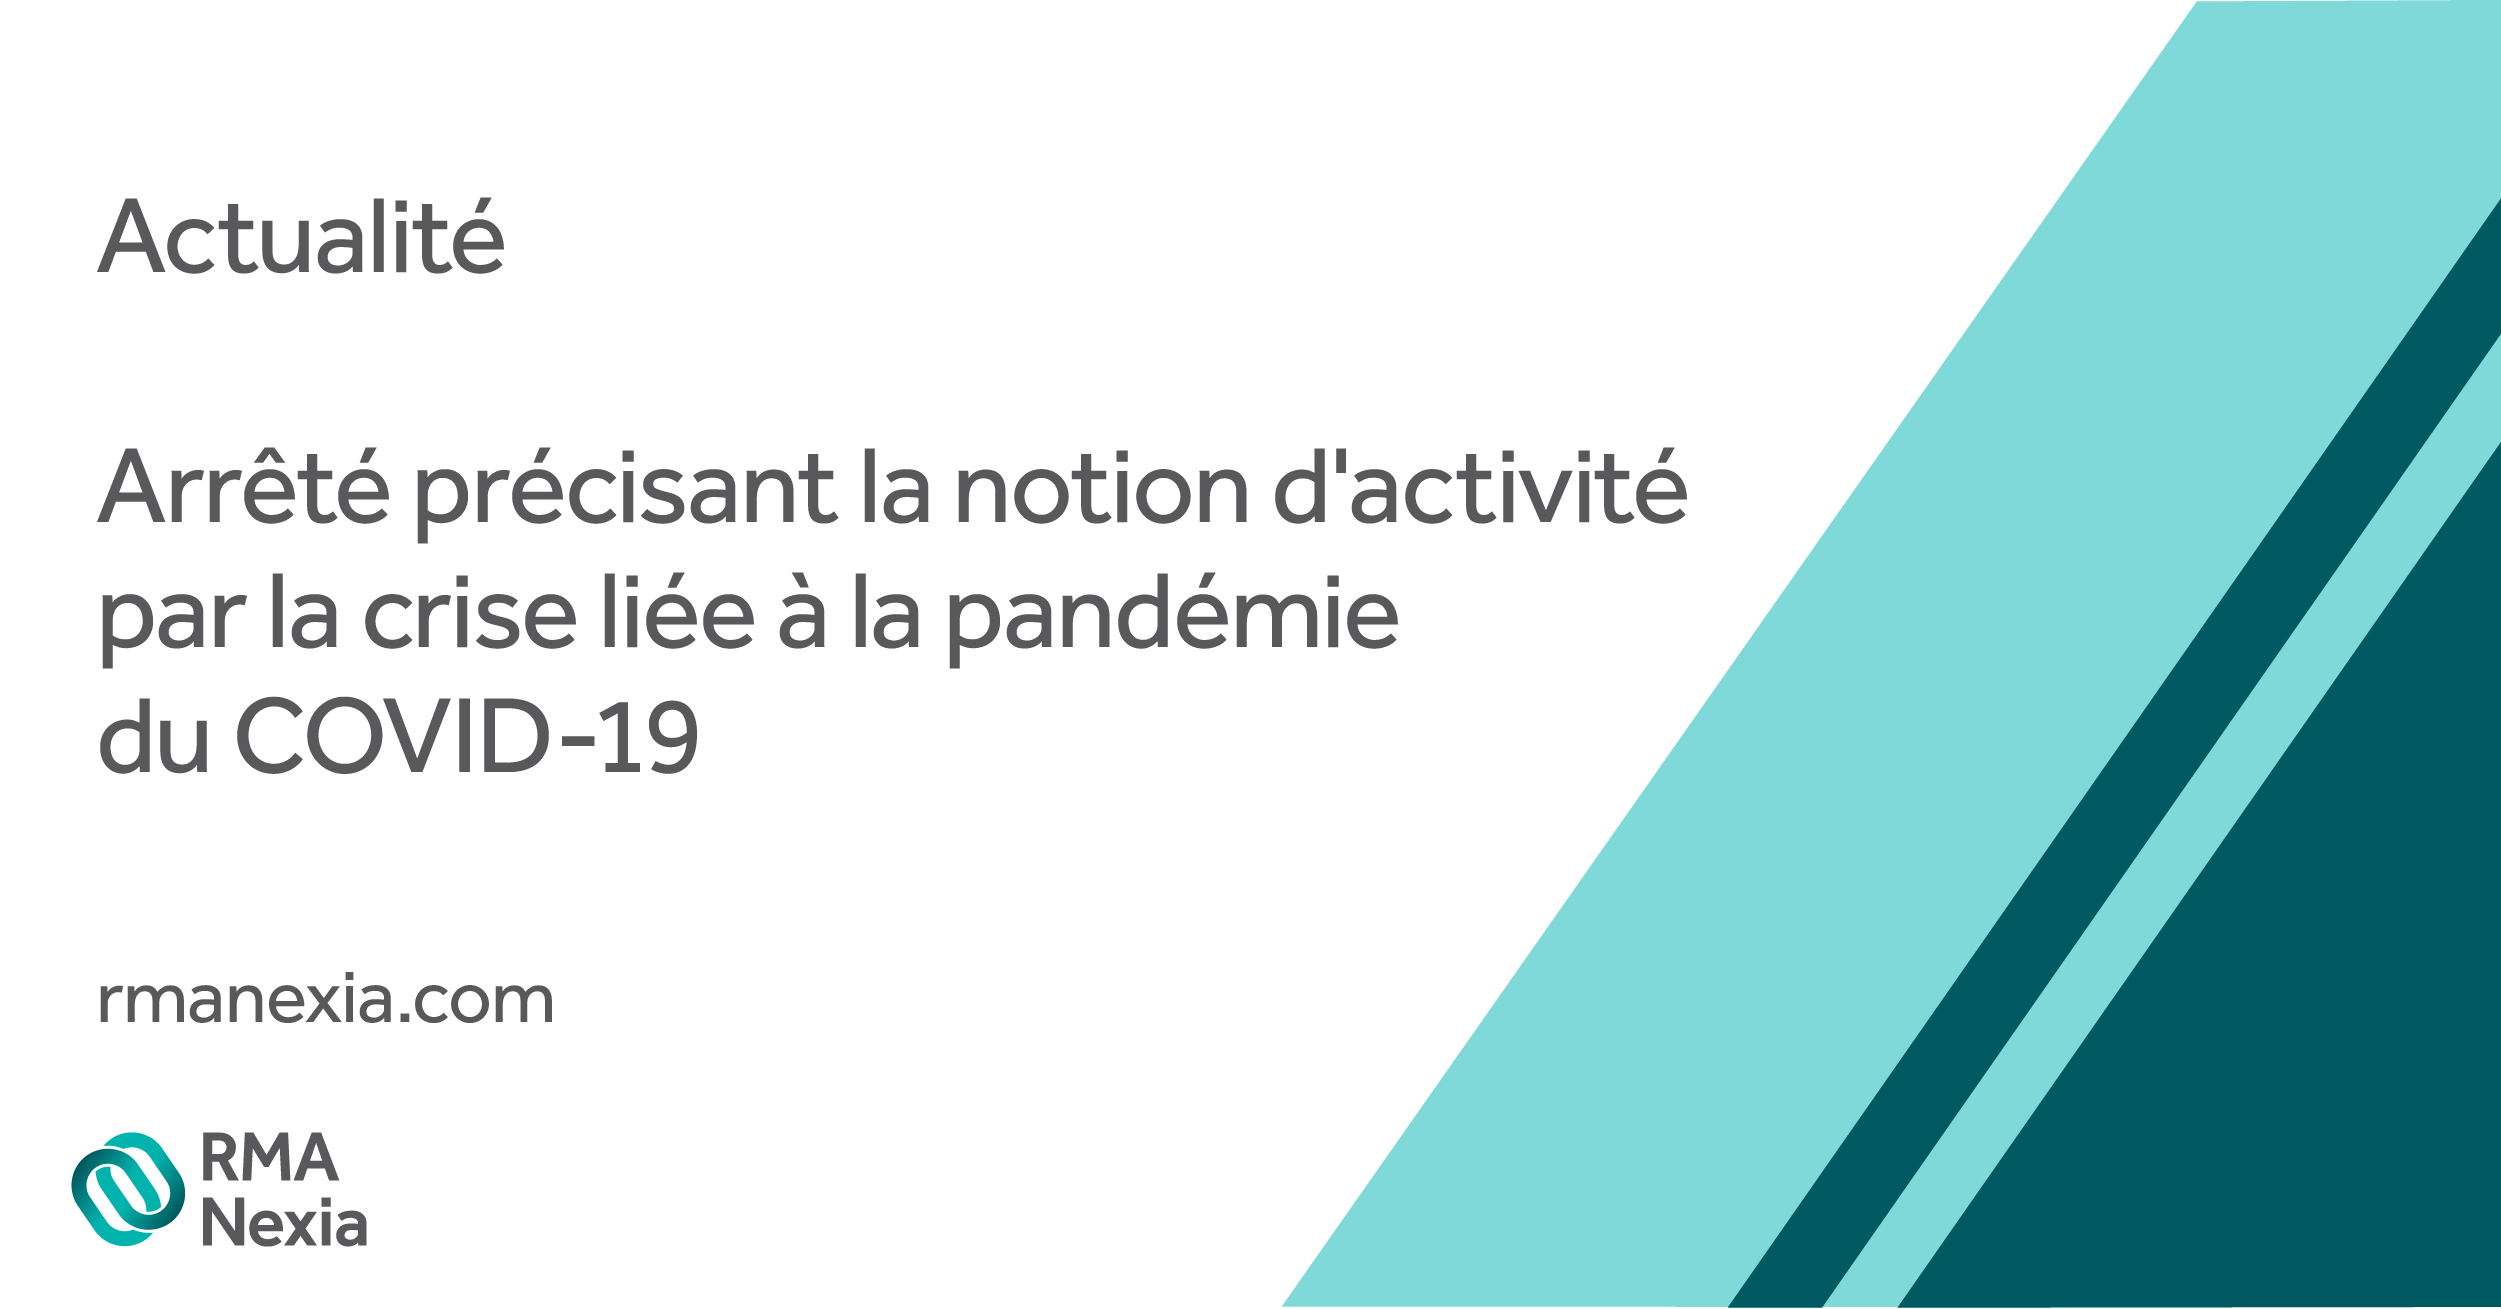 Arrêté précisant la notion d'activité directement impactée la crise liée à la pandémie du COVID-19 et les modalités d'allocation de la subvention prévue par l'article 185 bis du CGI